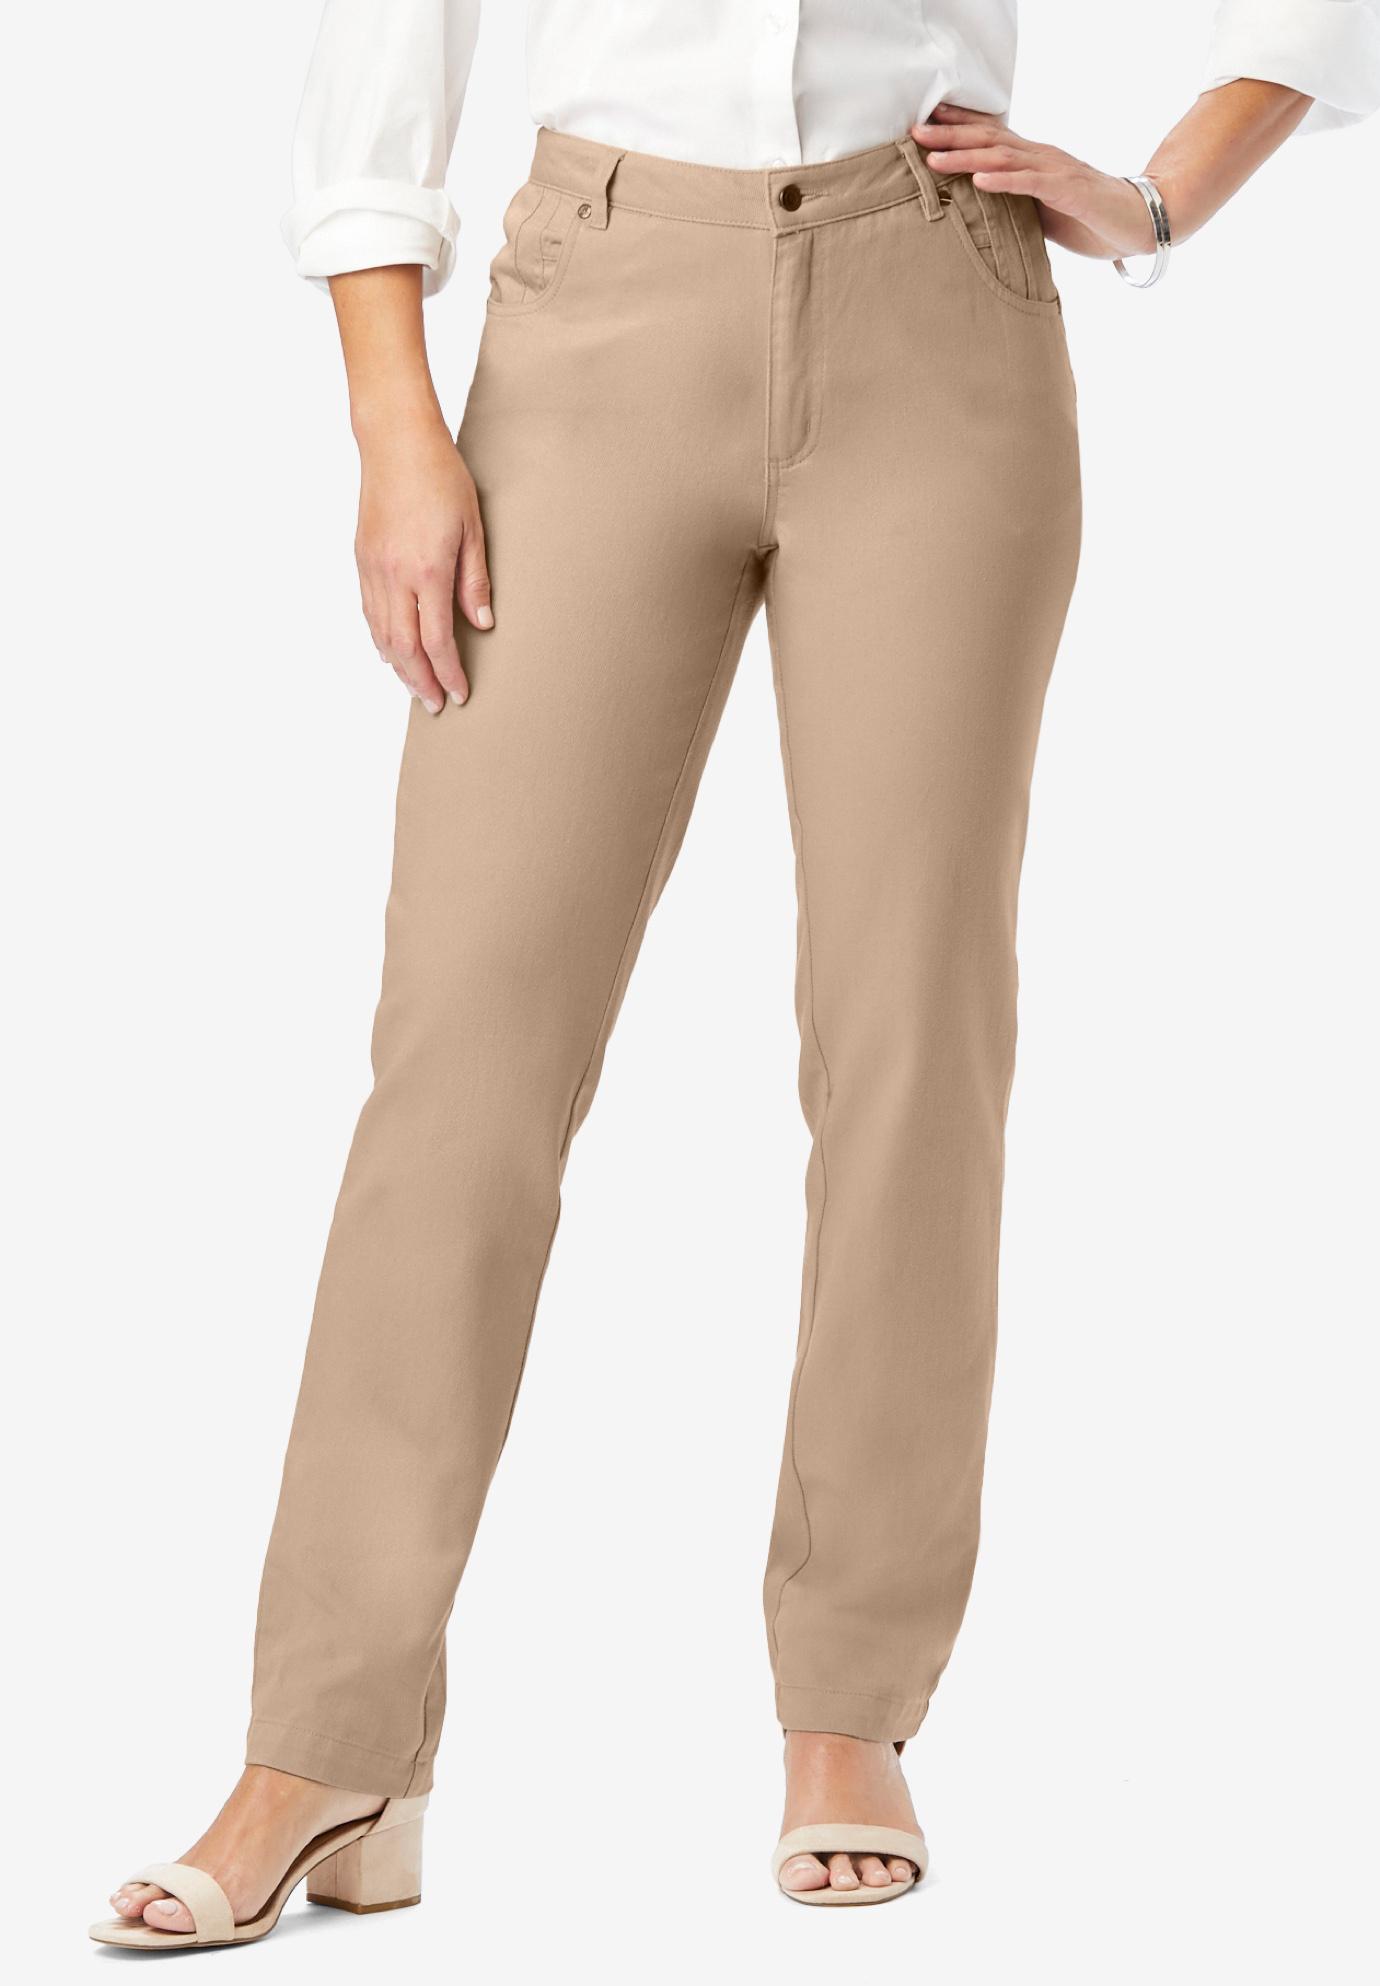 484a25d6351c8 Classic Cotton Denim Straight Jeans